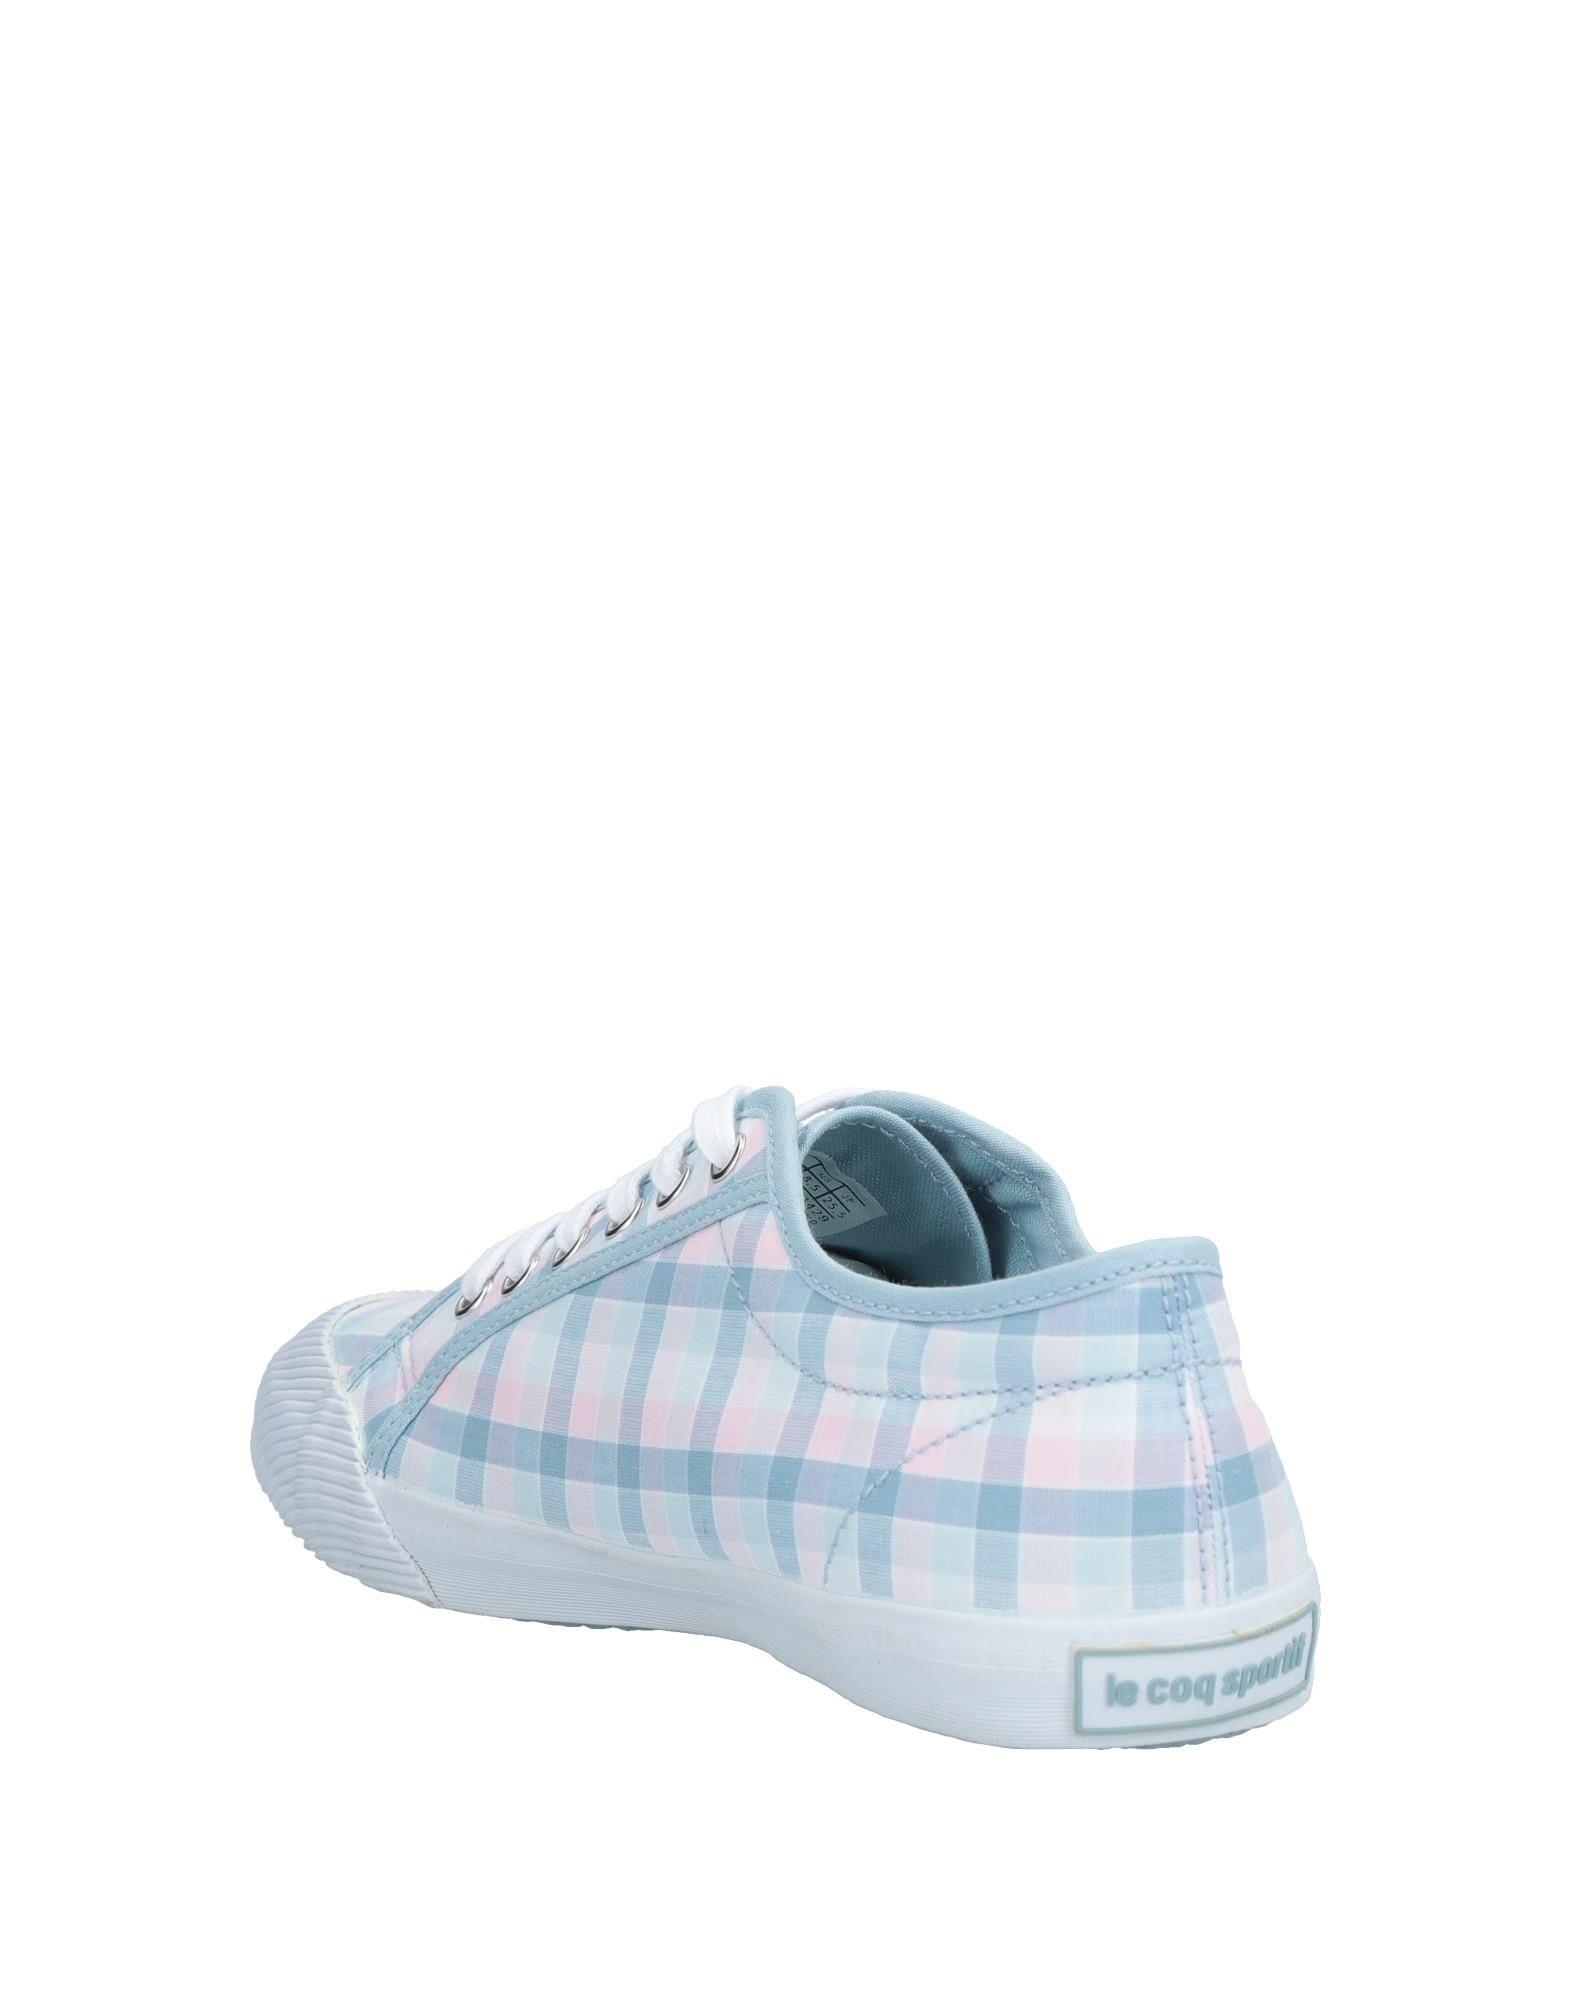 Le Coq Sportif Sneakers Damen Schuhe  11534505QE Neue Schuhe Damen b2c821